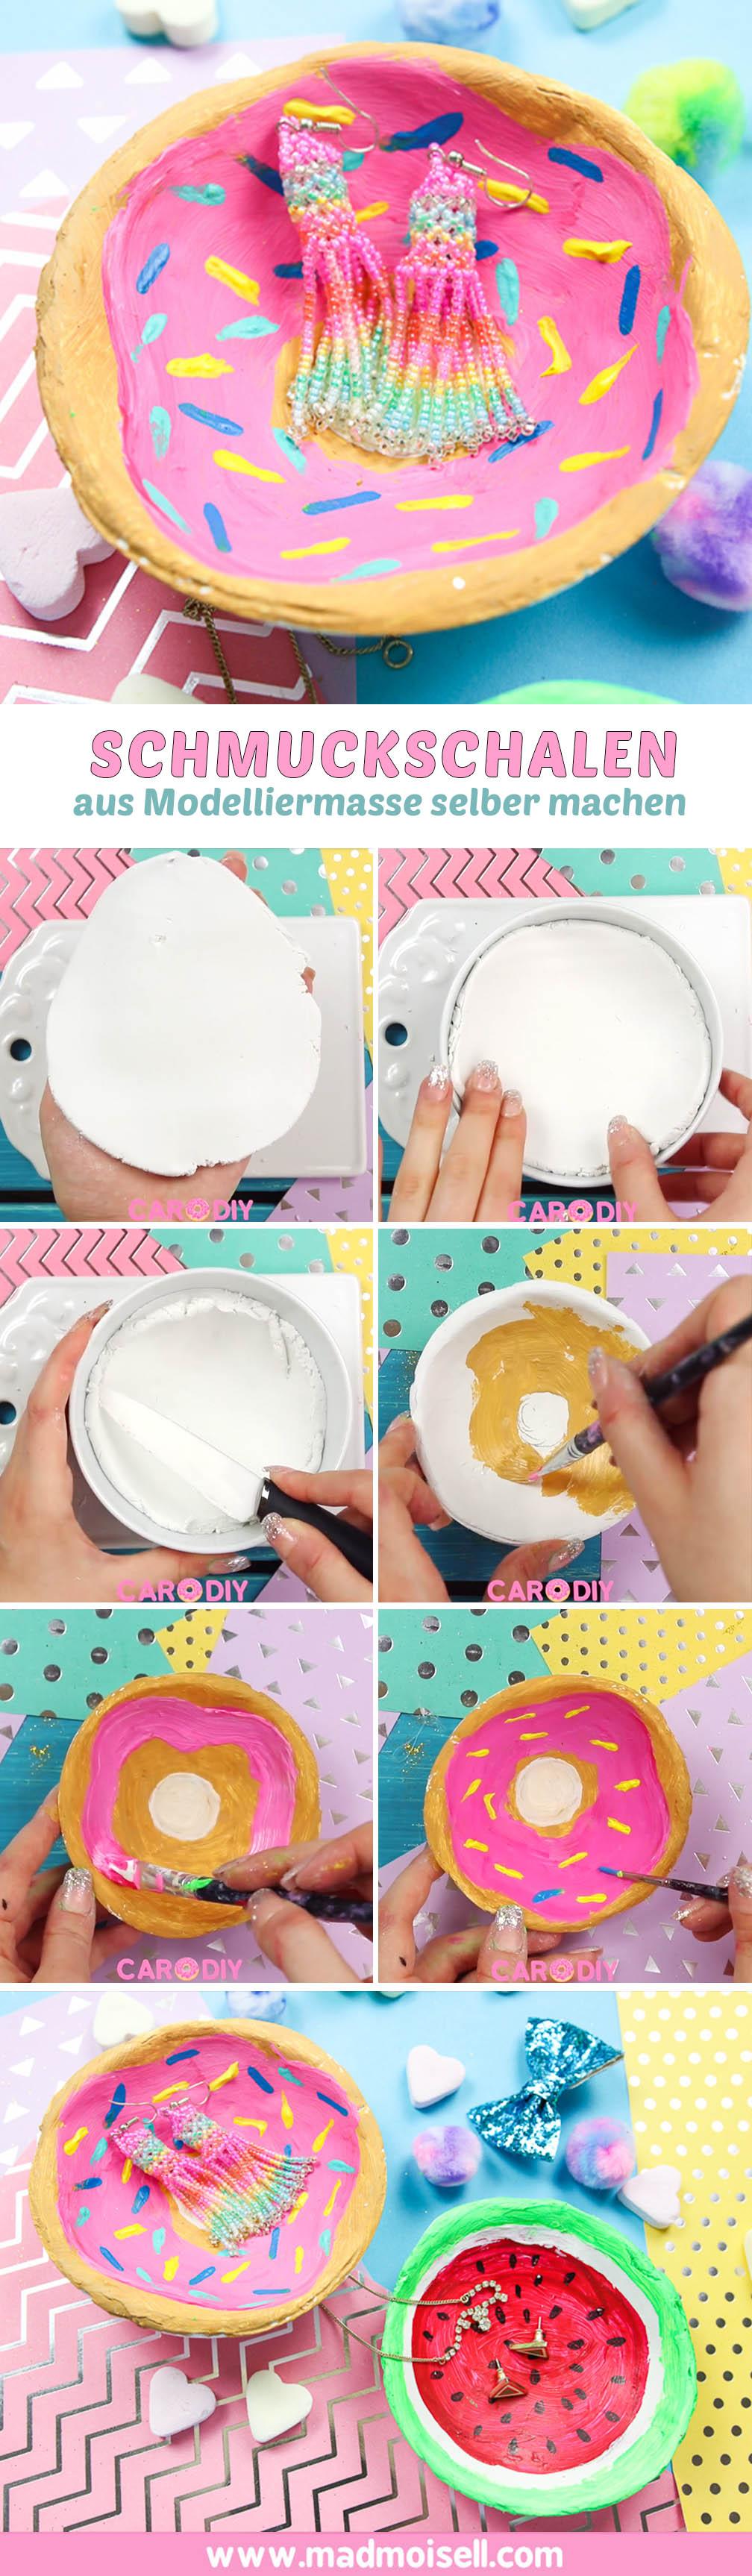 diy schmuckschalen aus modelliermasse selber machen donut wassermelone madmoisell diy blog. Black Bedroom Furniture Sets. Home Design Ideas